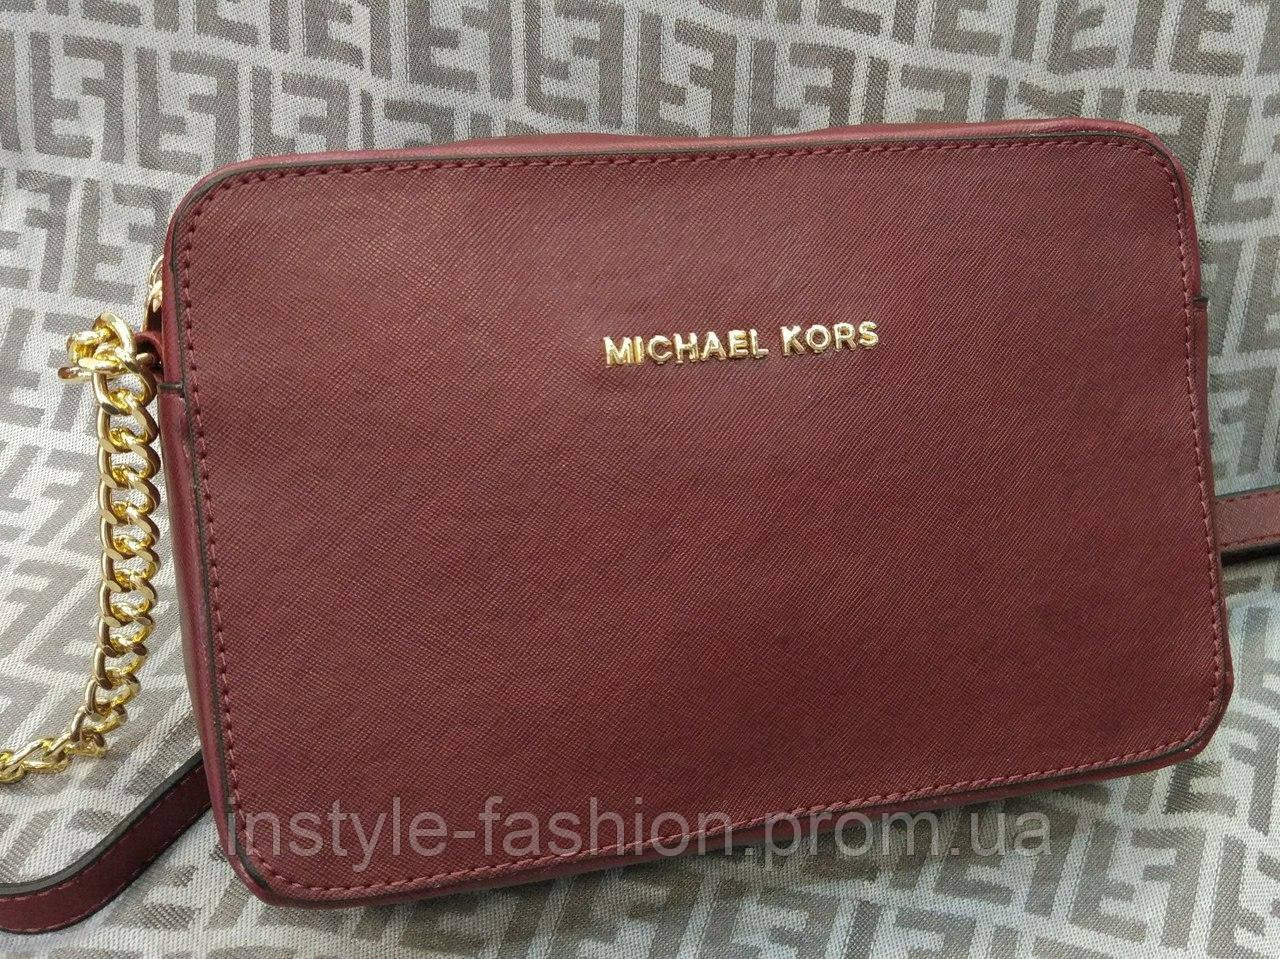 Сумка клатч через плечо на цепочке Michael kors MICHAEL KORS бордовая